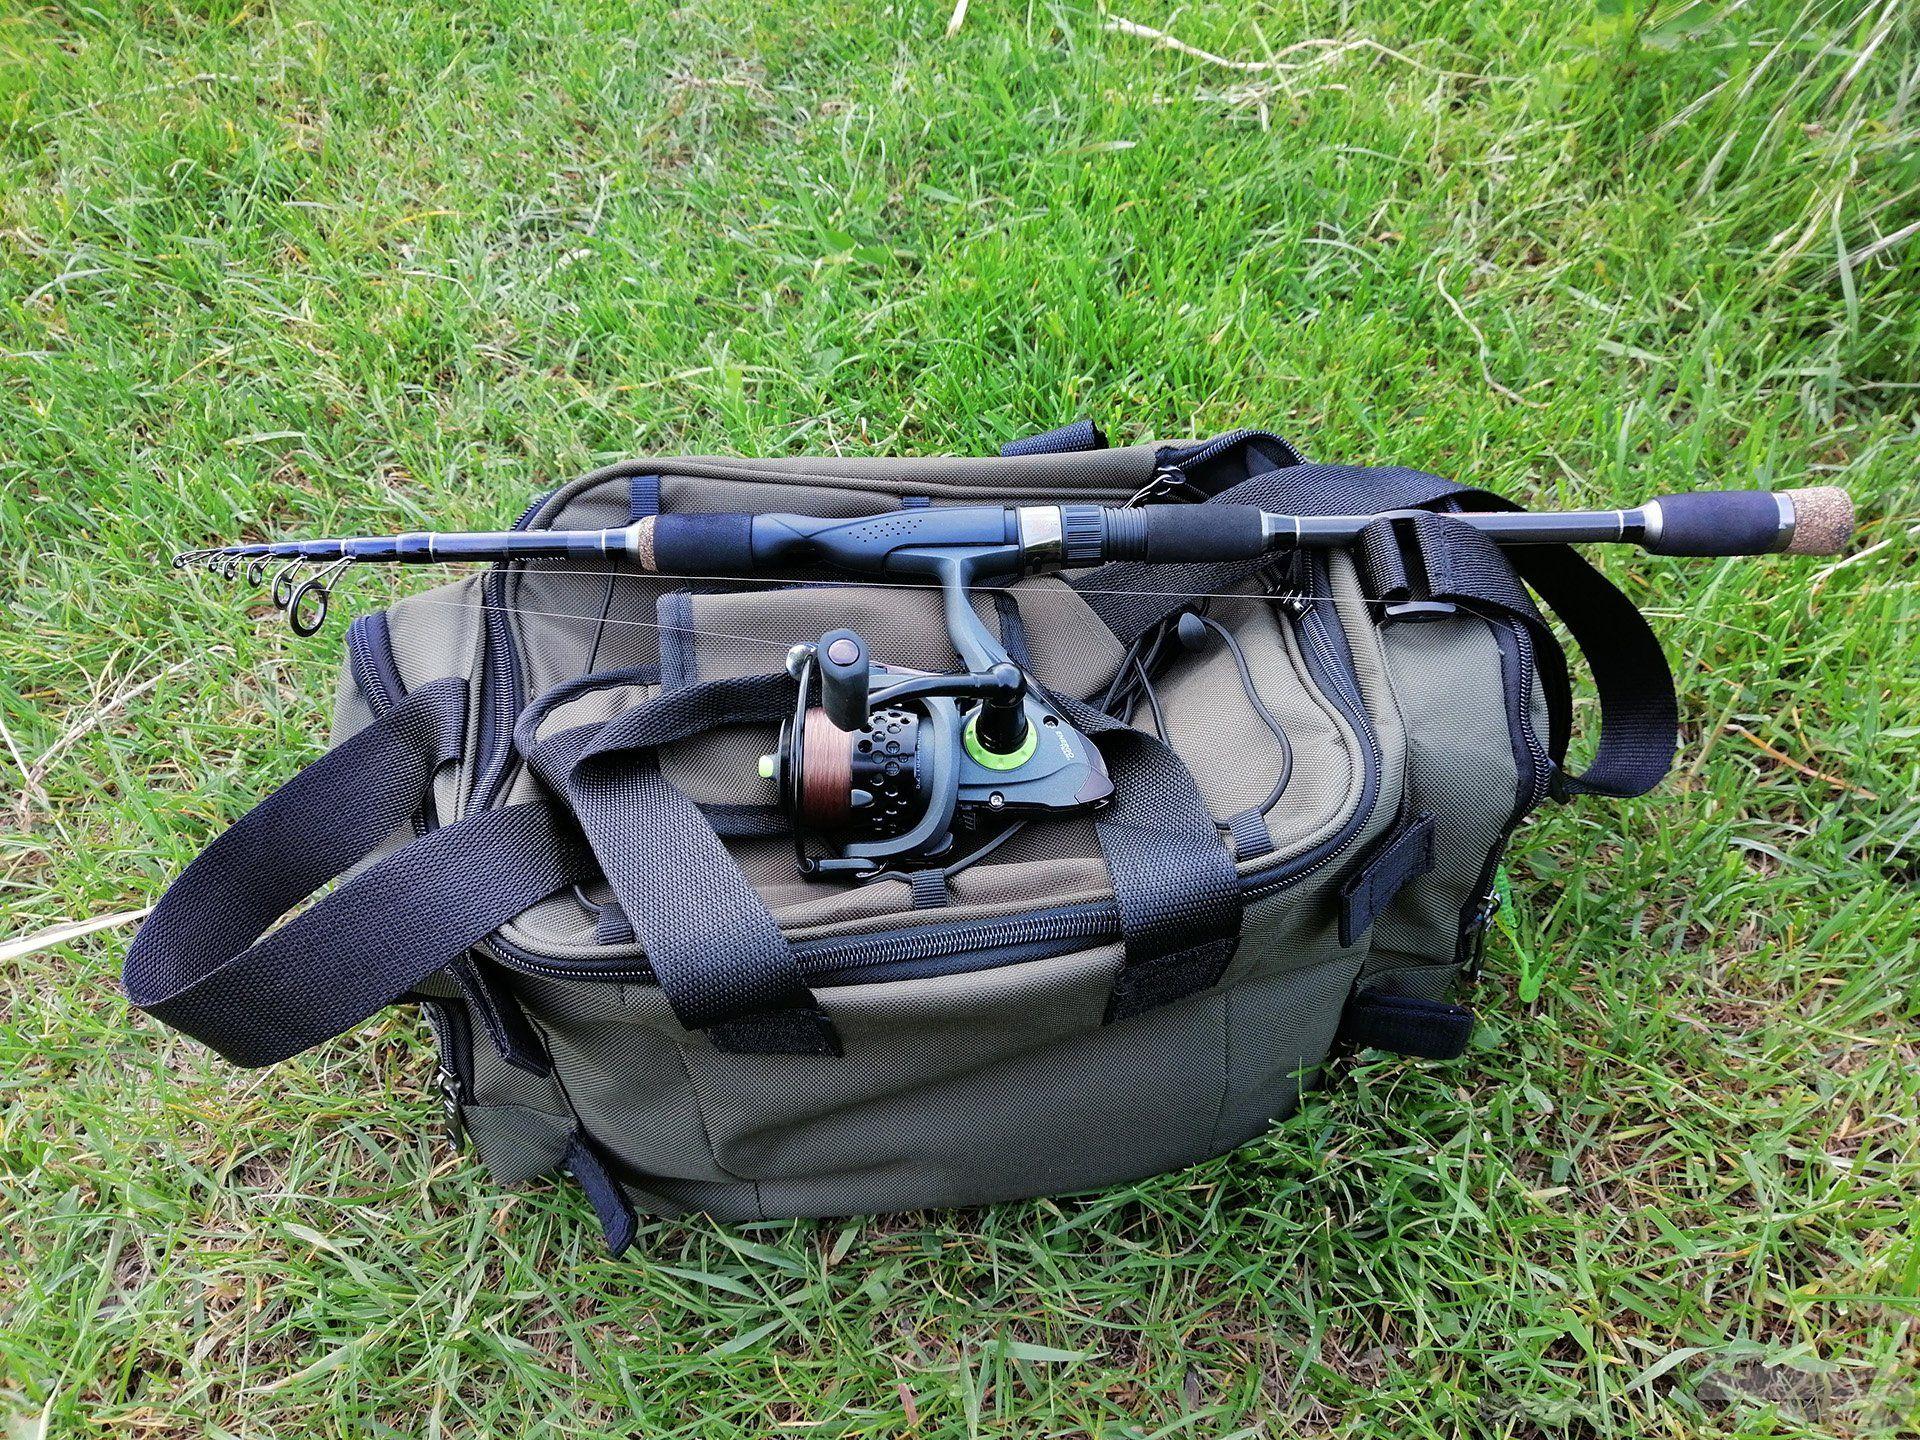 Az új telós pergető botom összecsukva alig hosszabb a kis műcsalis táskámnál